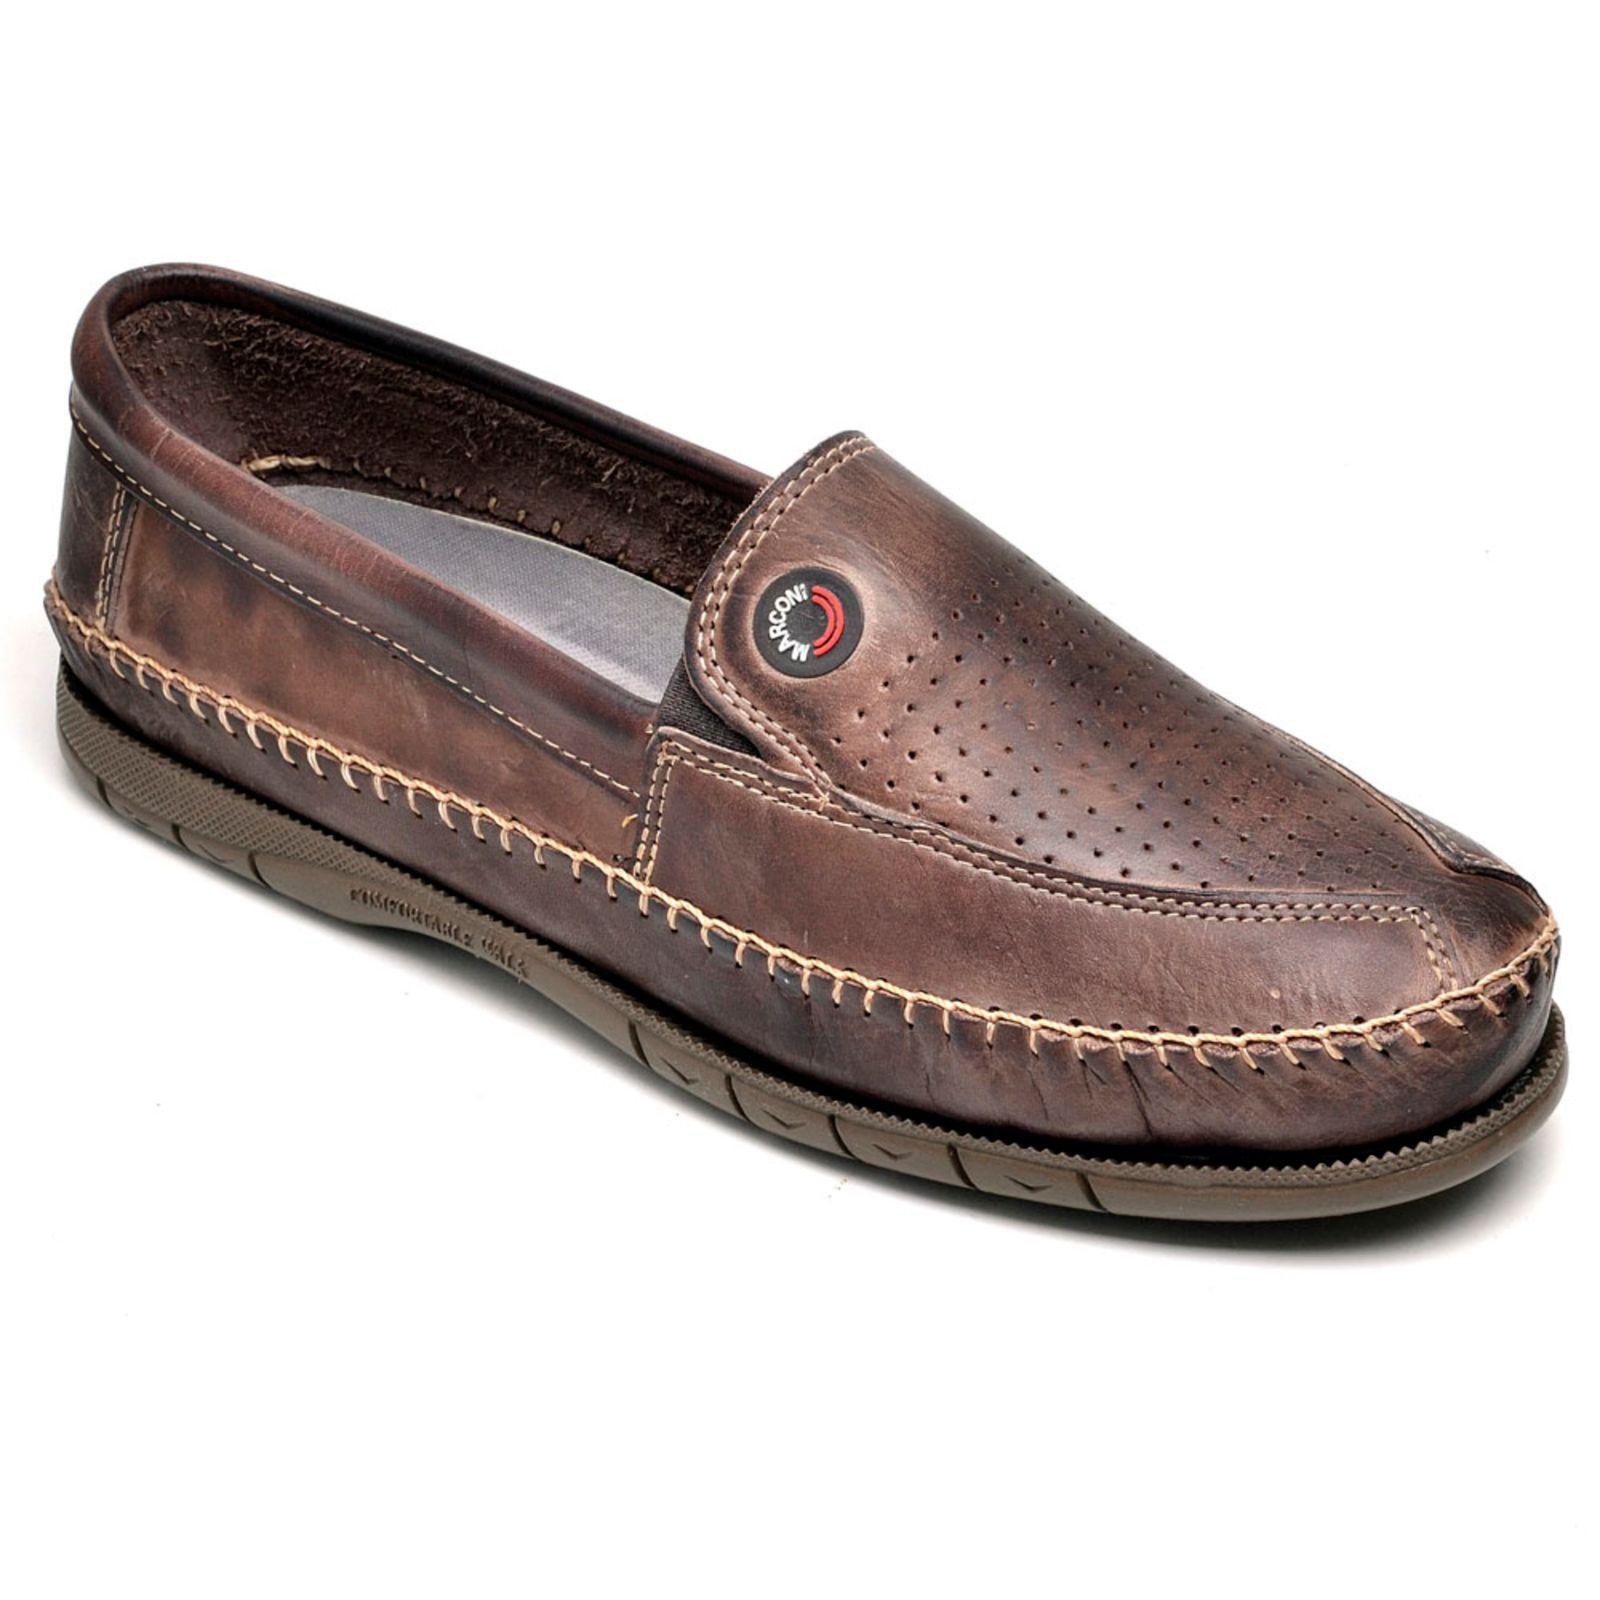 Sapato Mocassim em Couro Legítimo Masculino Marconi Moderno Adulto